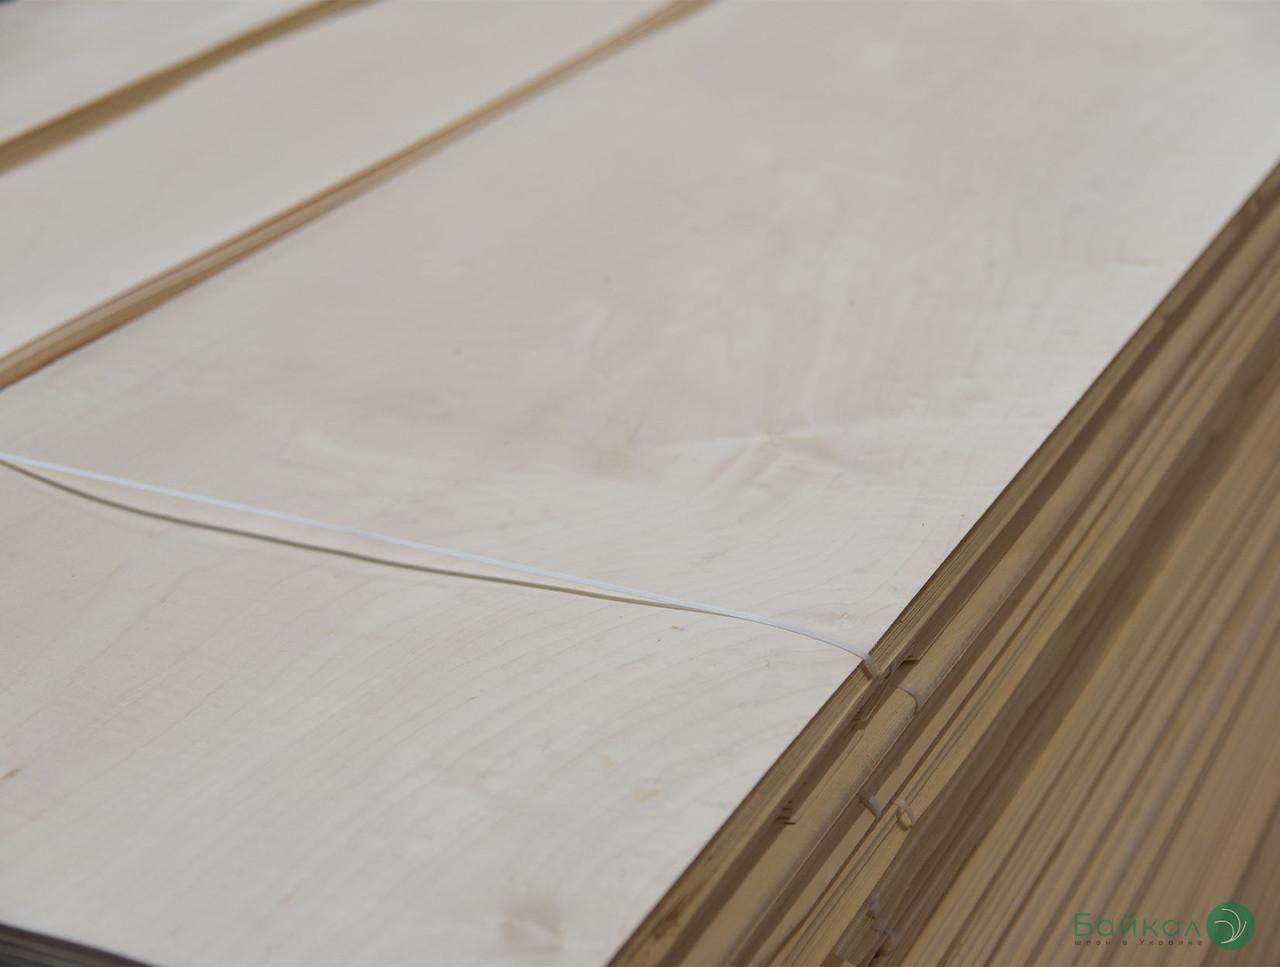 Шпон Клену (Україна) - 0,6 мм - довжина від 2,10 - 3,80 м / ширина від 12 см+  (I гатунок)